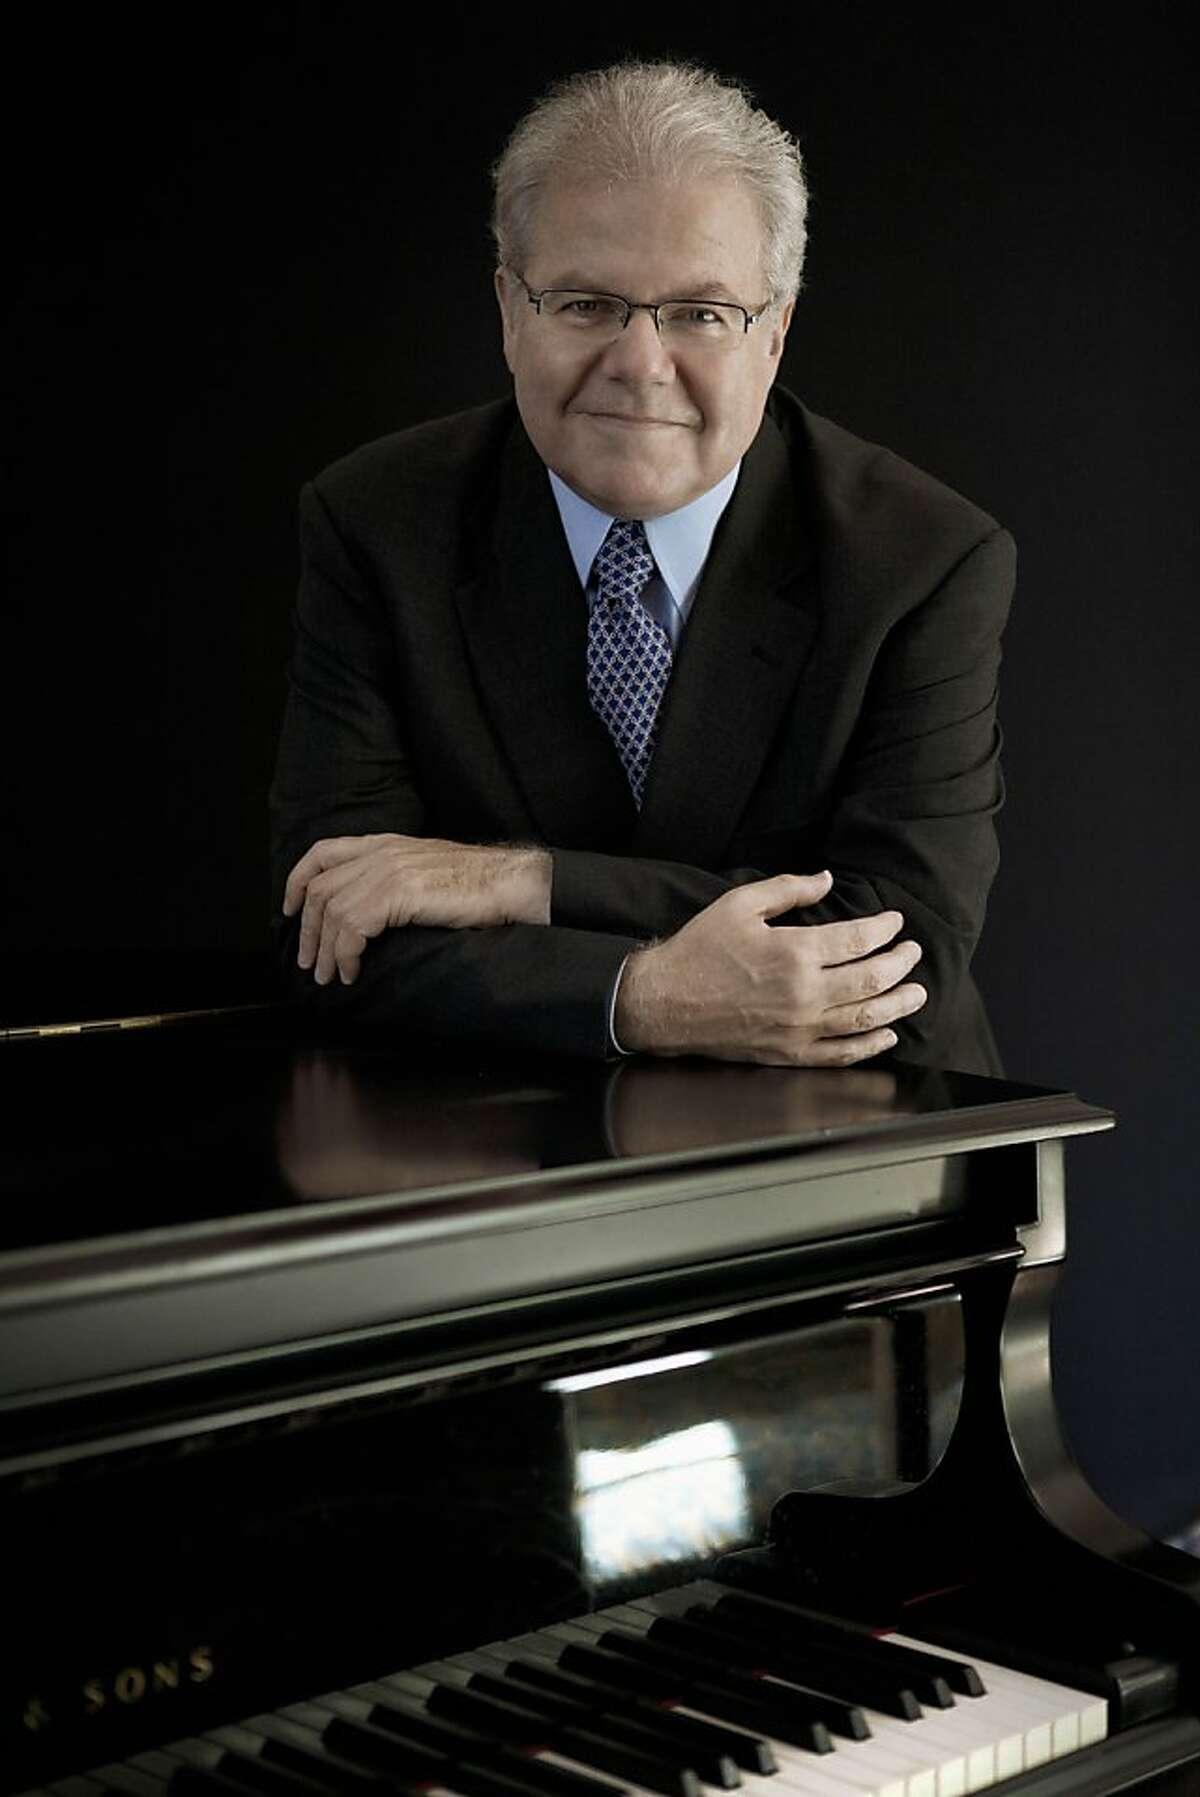 Pianist Emanuel Ax Pianist Emanuel Ax